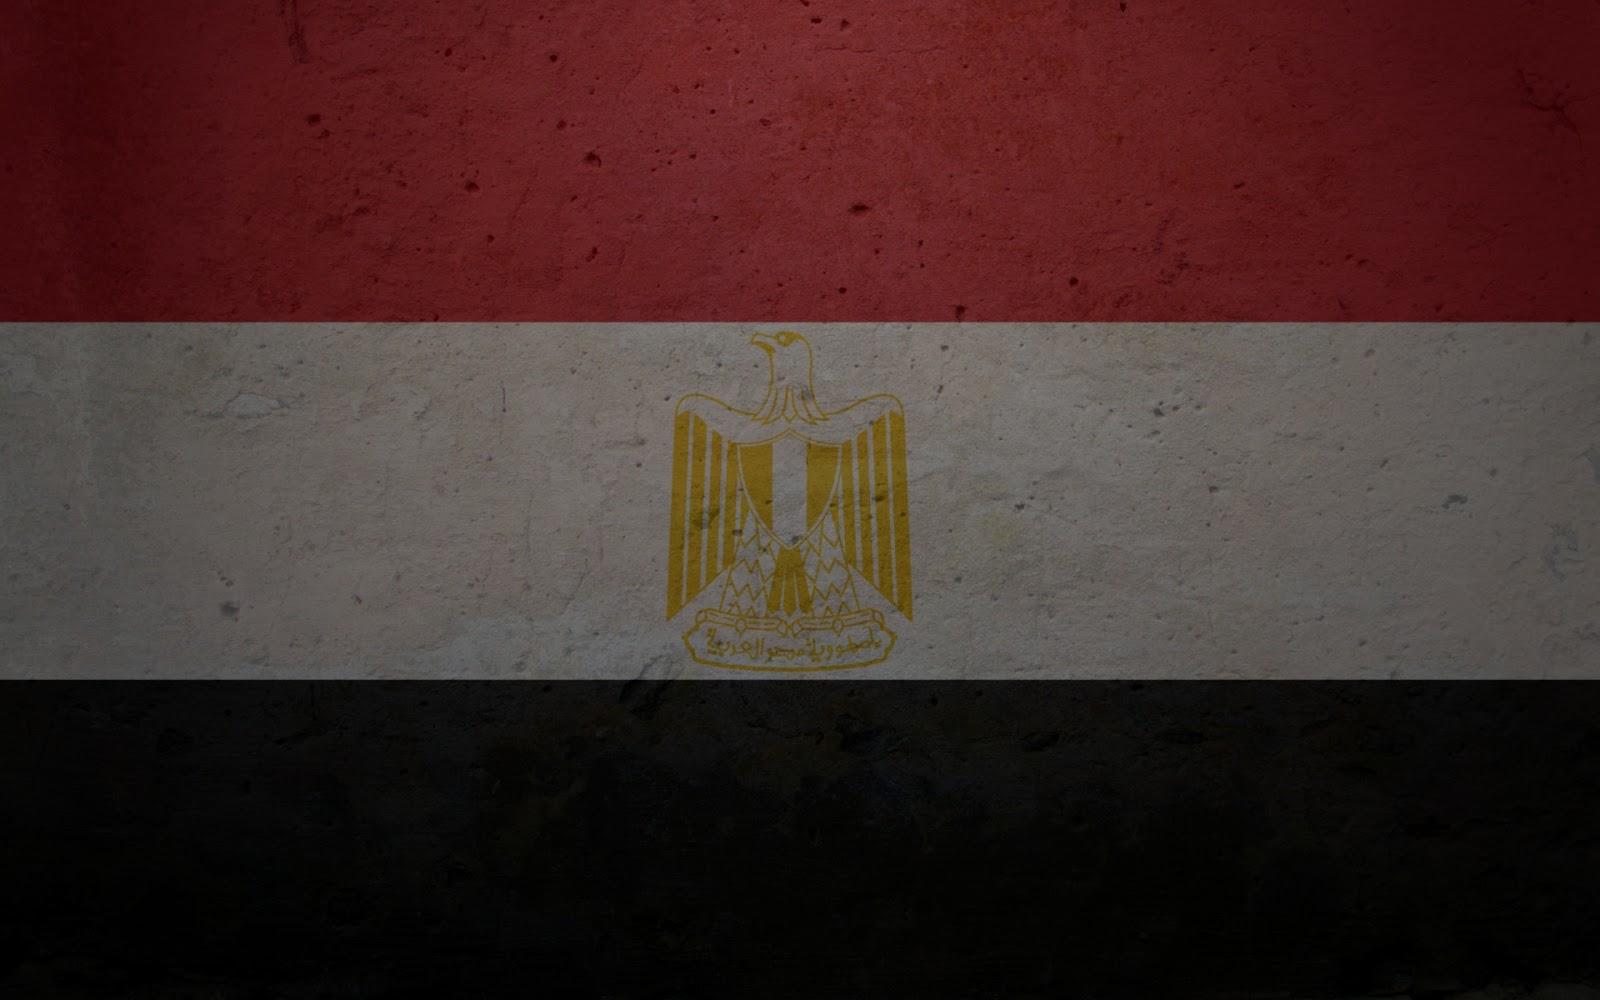 خلفية علم جمهورية مصر العربية  تضم النسر واللون الاحمر والابيض والاسود